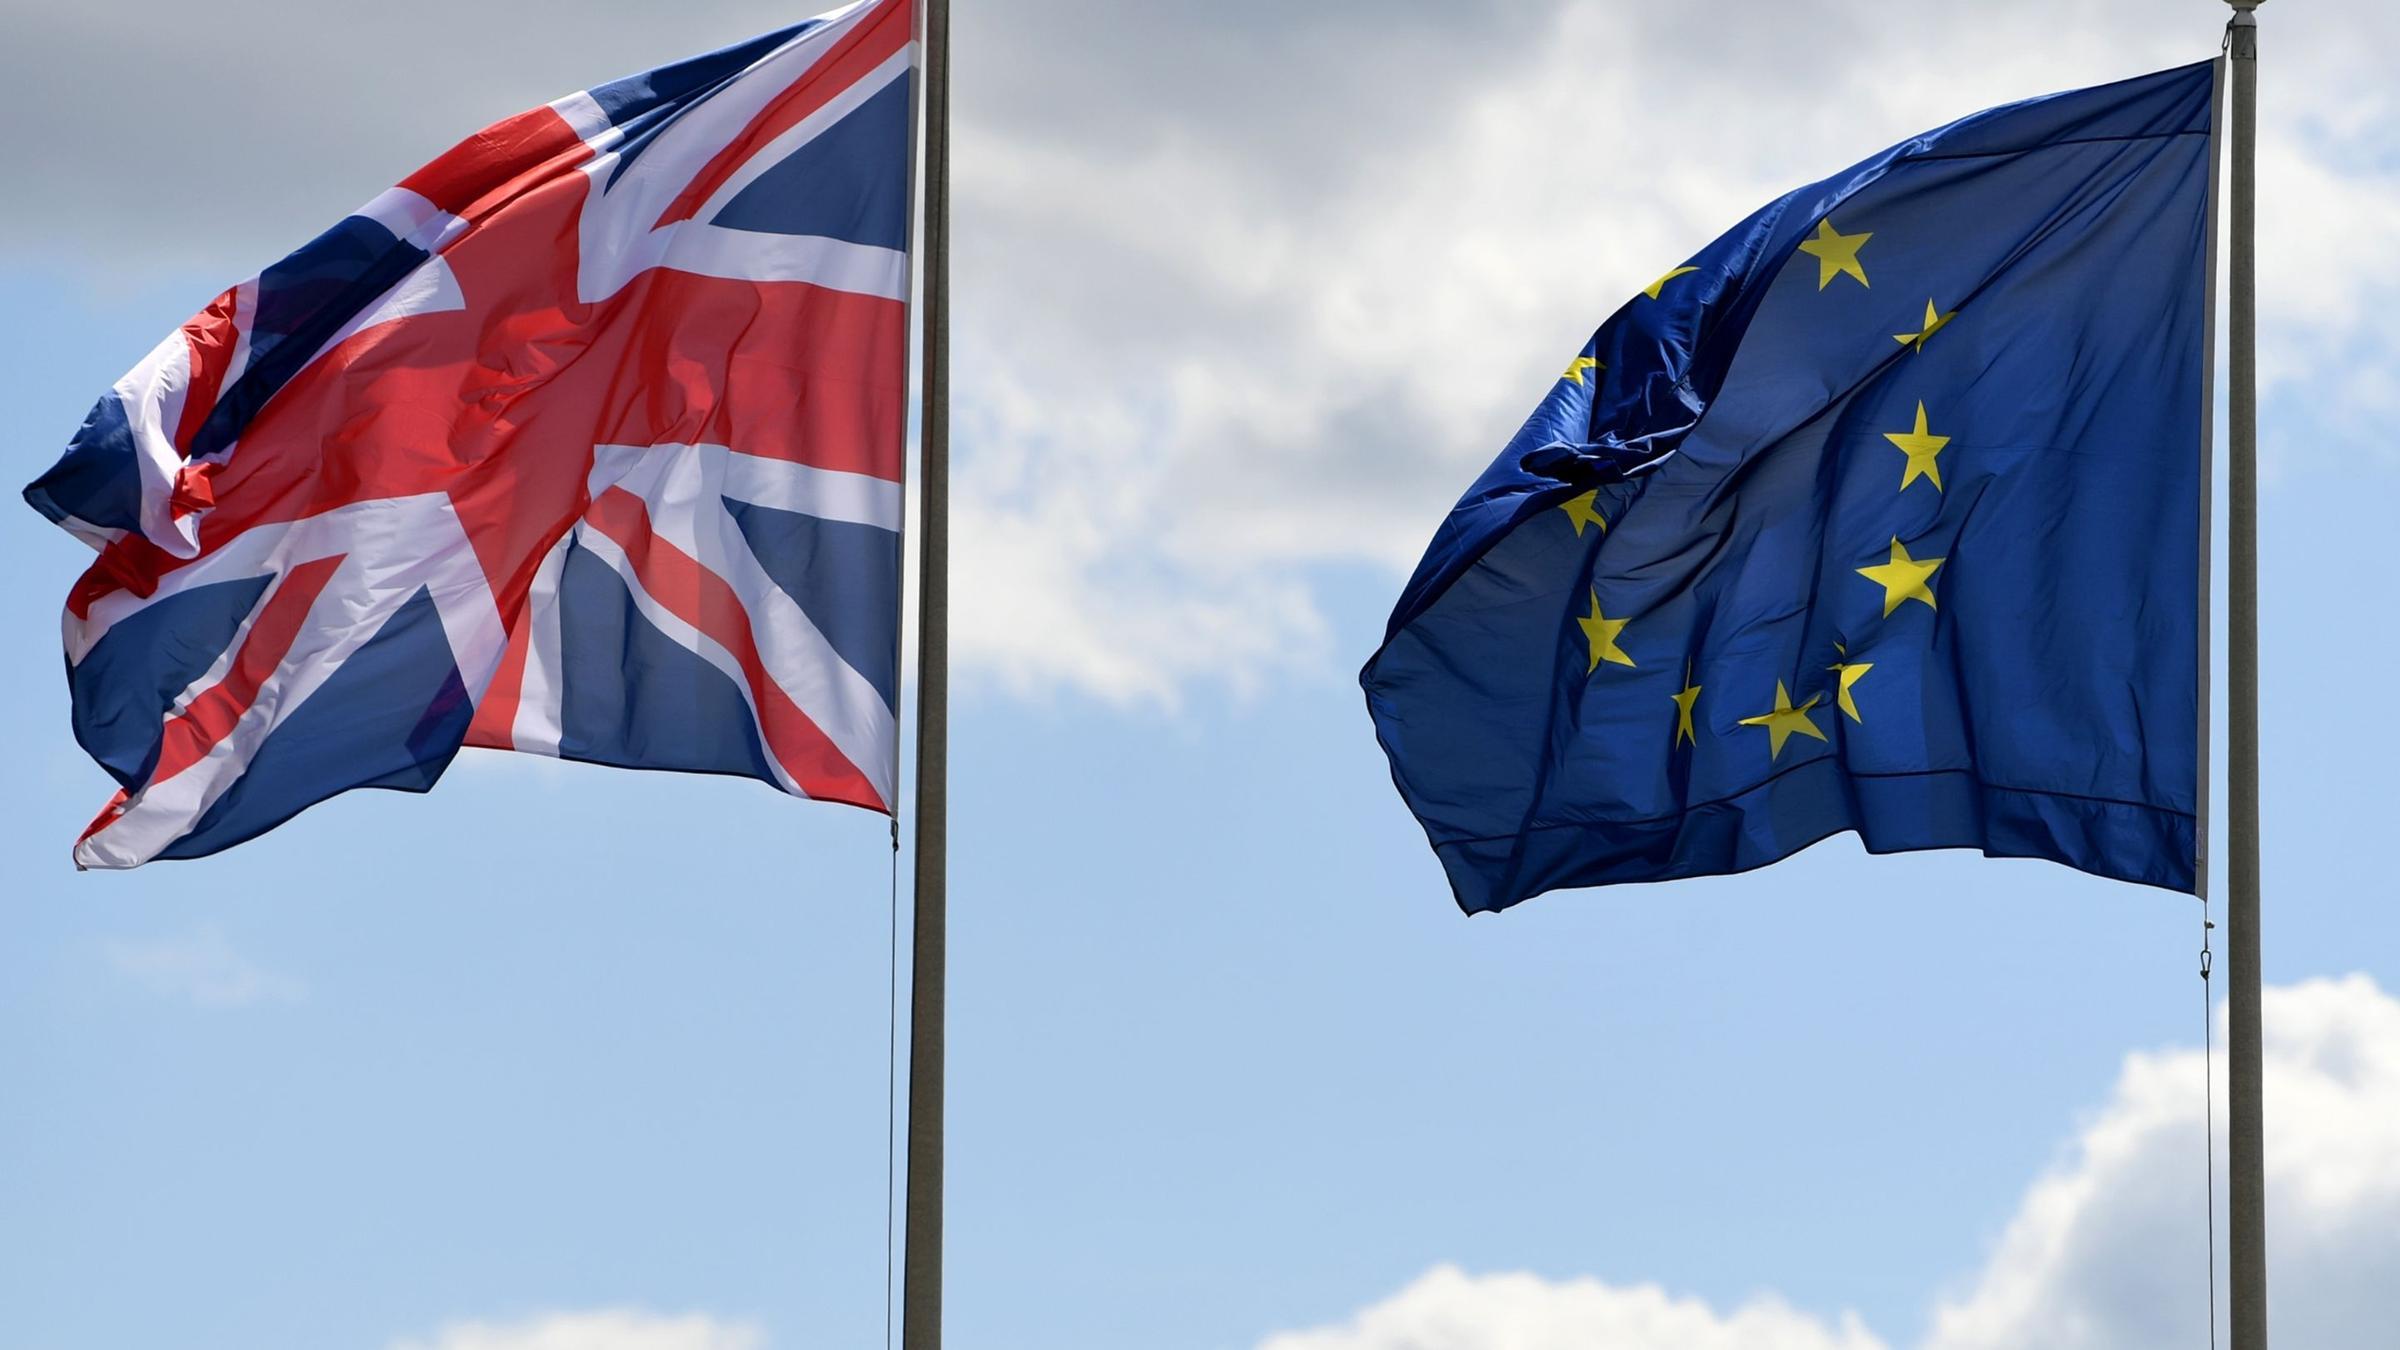 8 Tage nach dem Brexit   Mehr Fragen als Antworten   ZDFheute